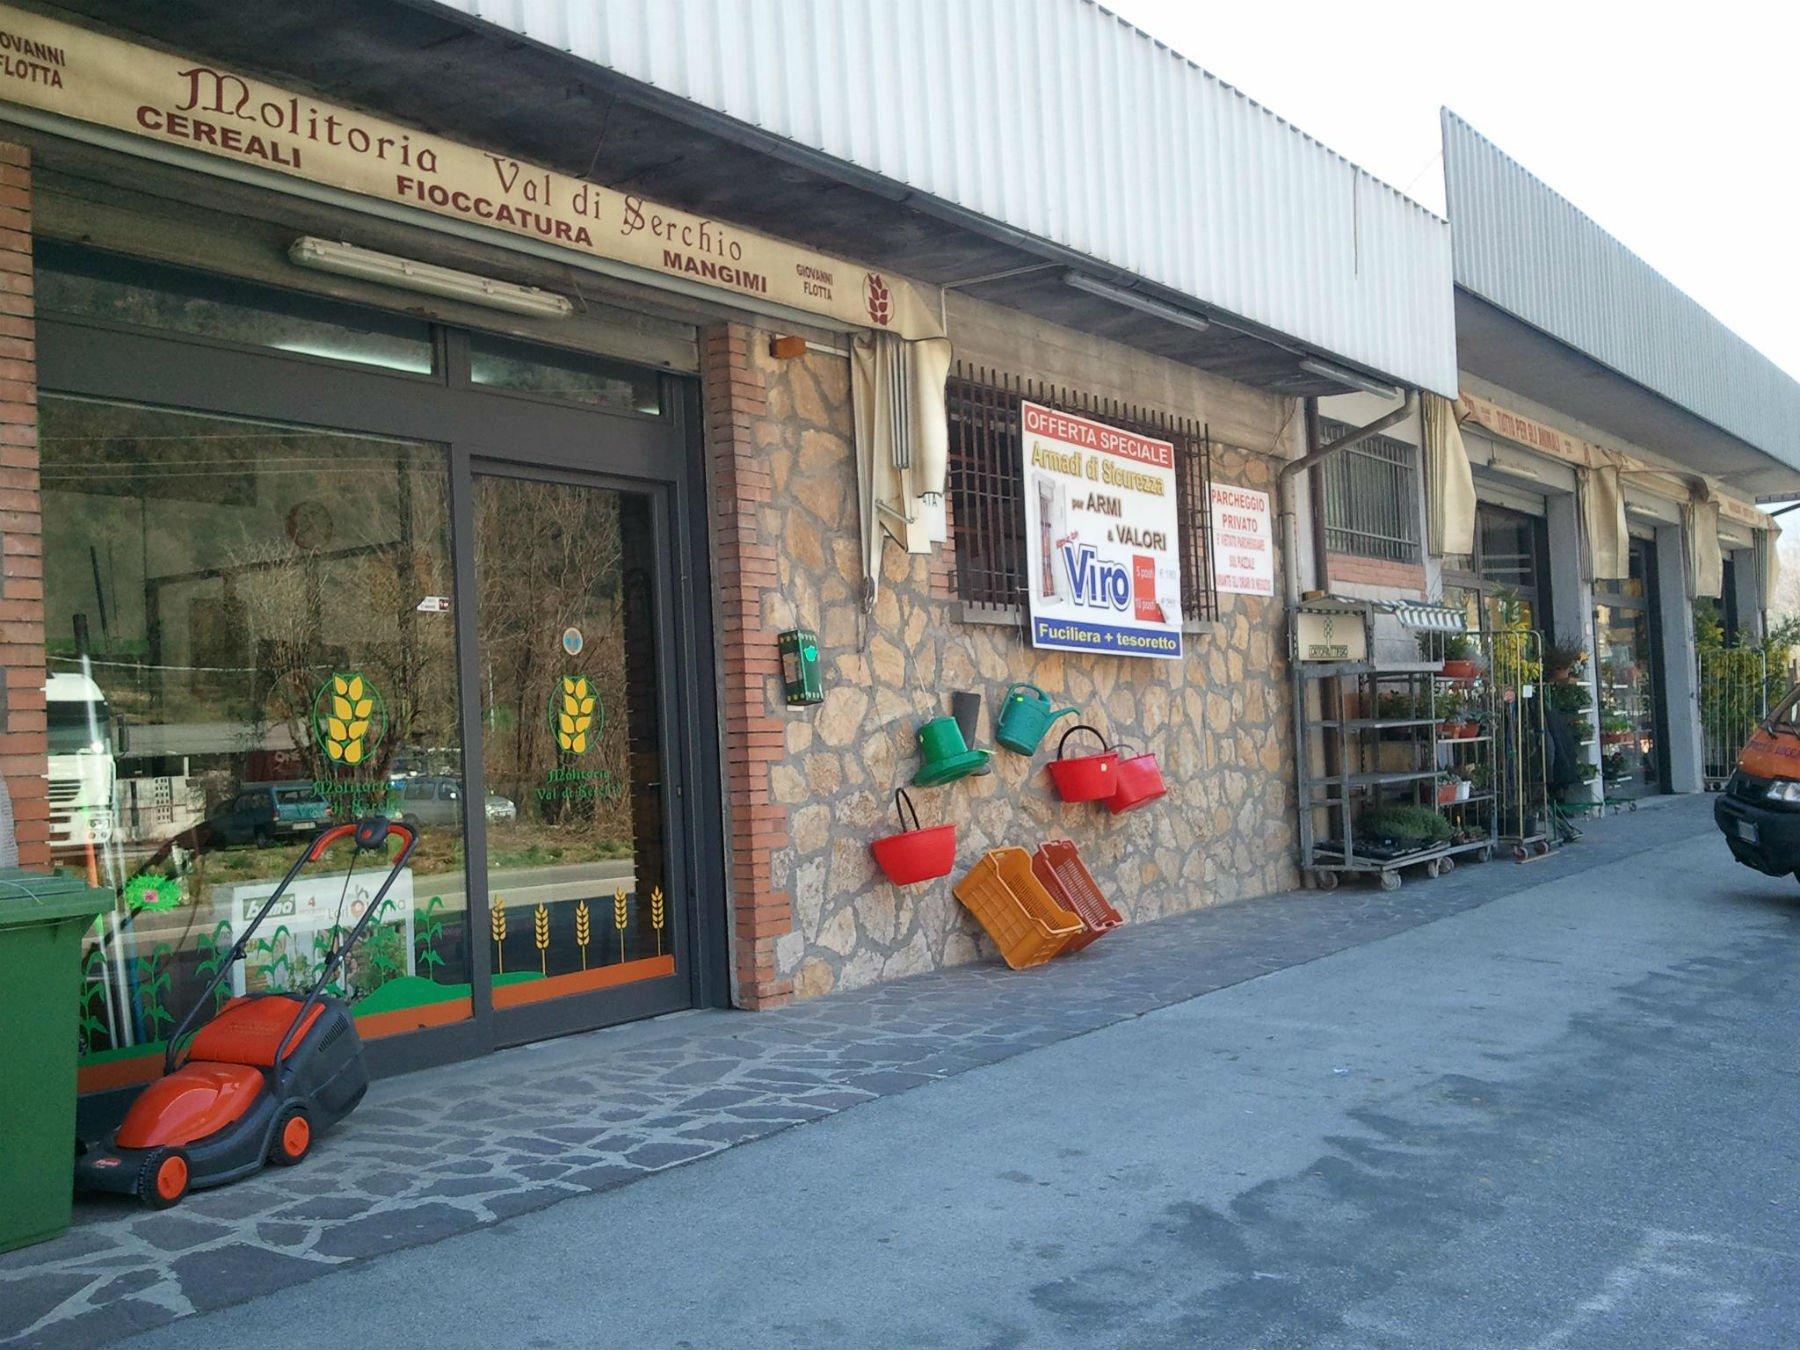 Esterno di un negozio